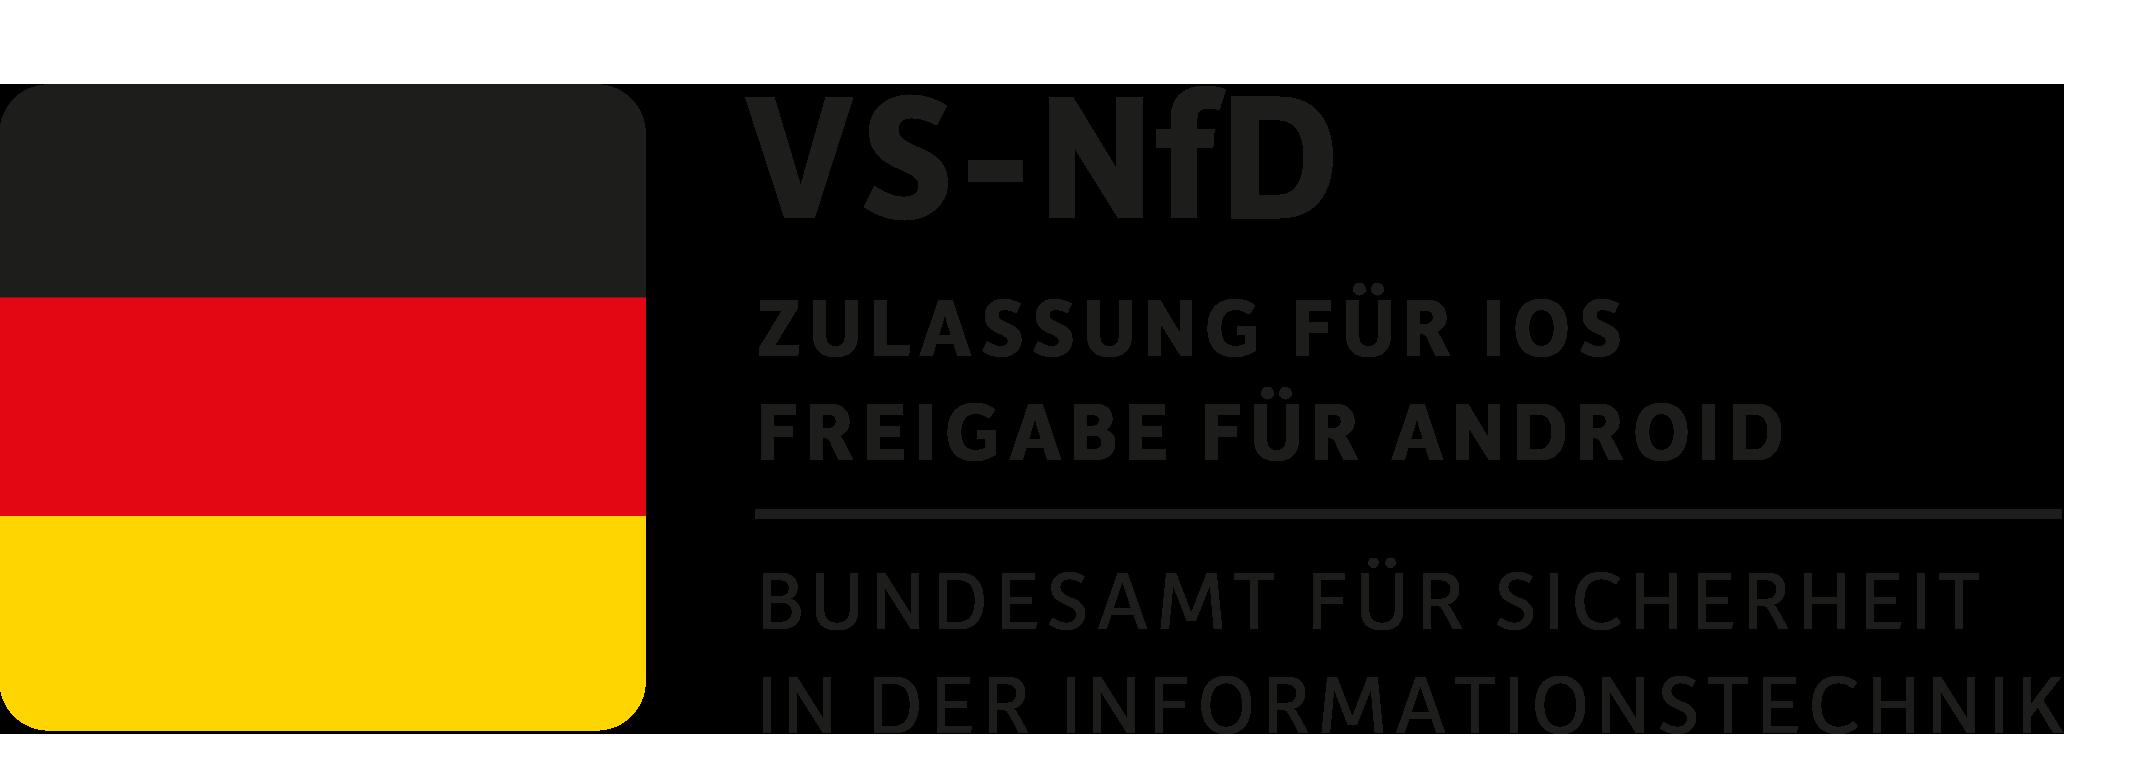 vom BSI für VS-Nfd zugelassen bzw. freigegeben